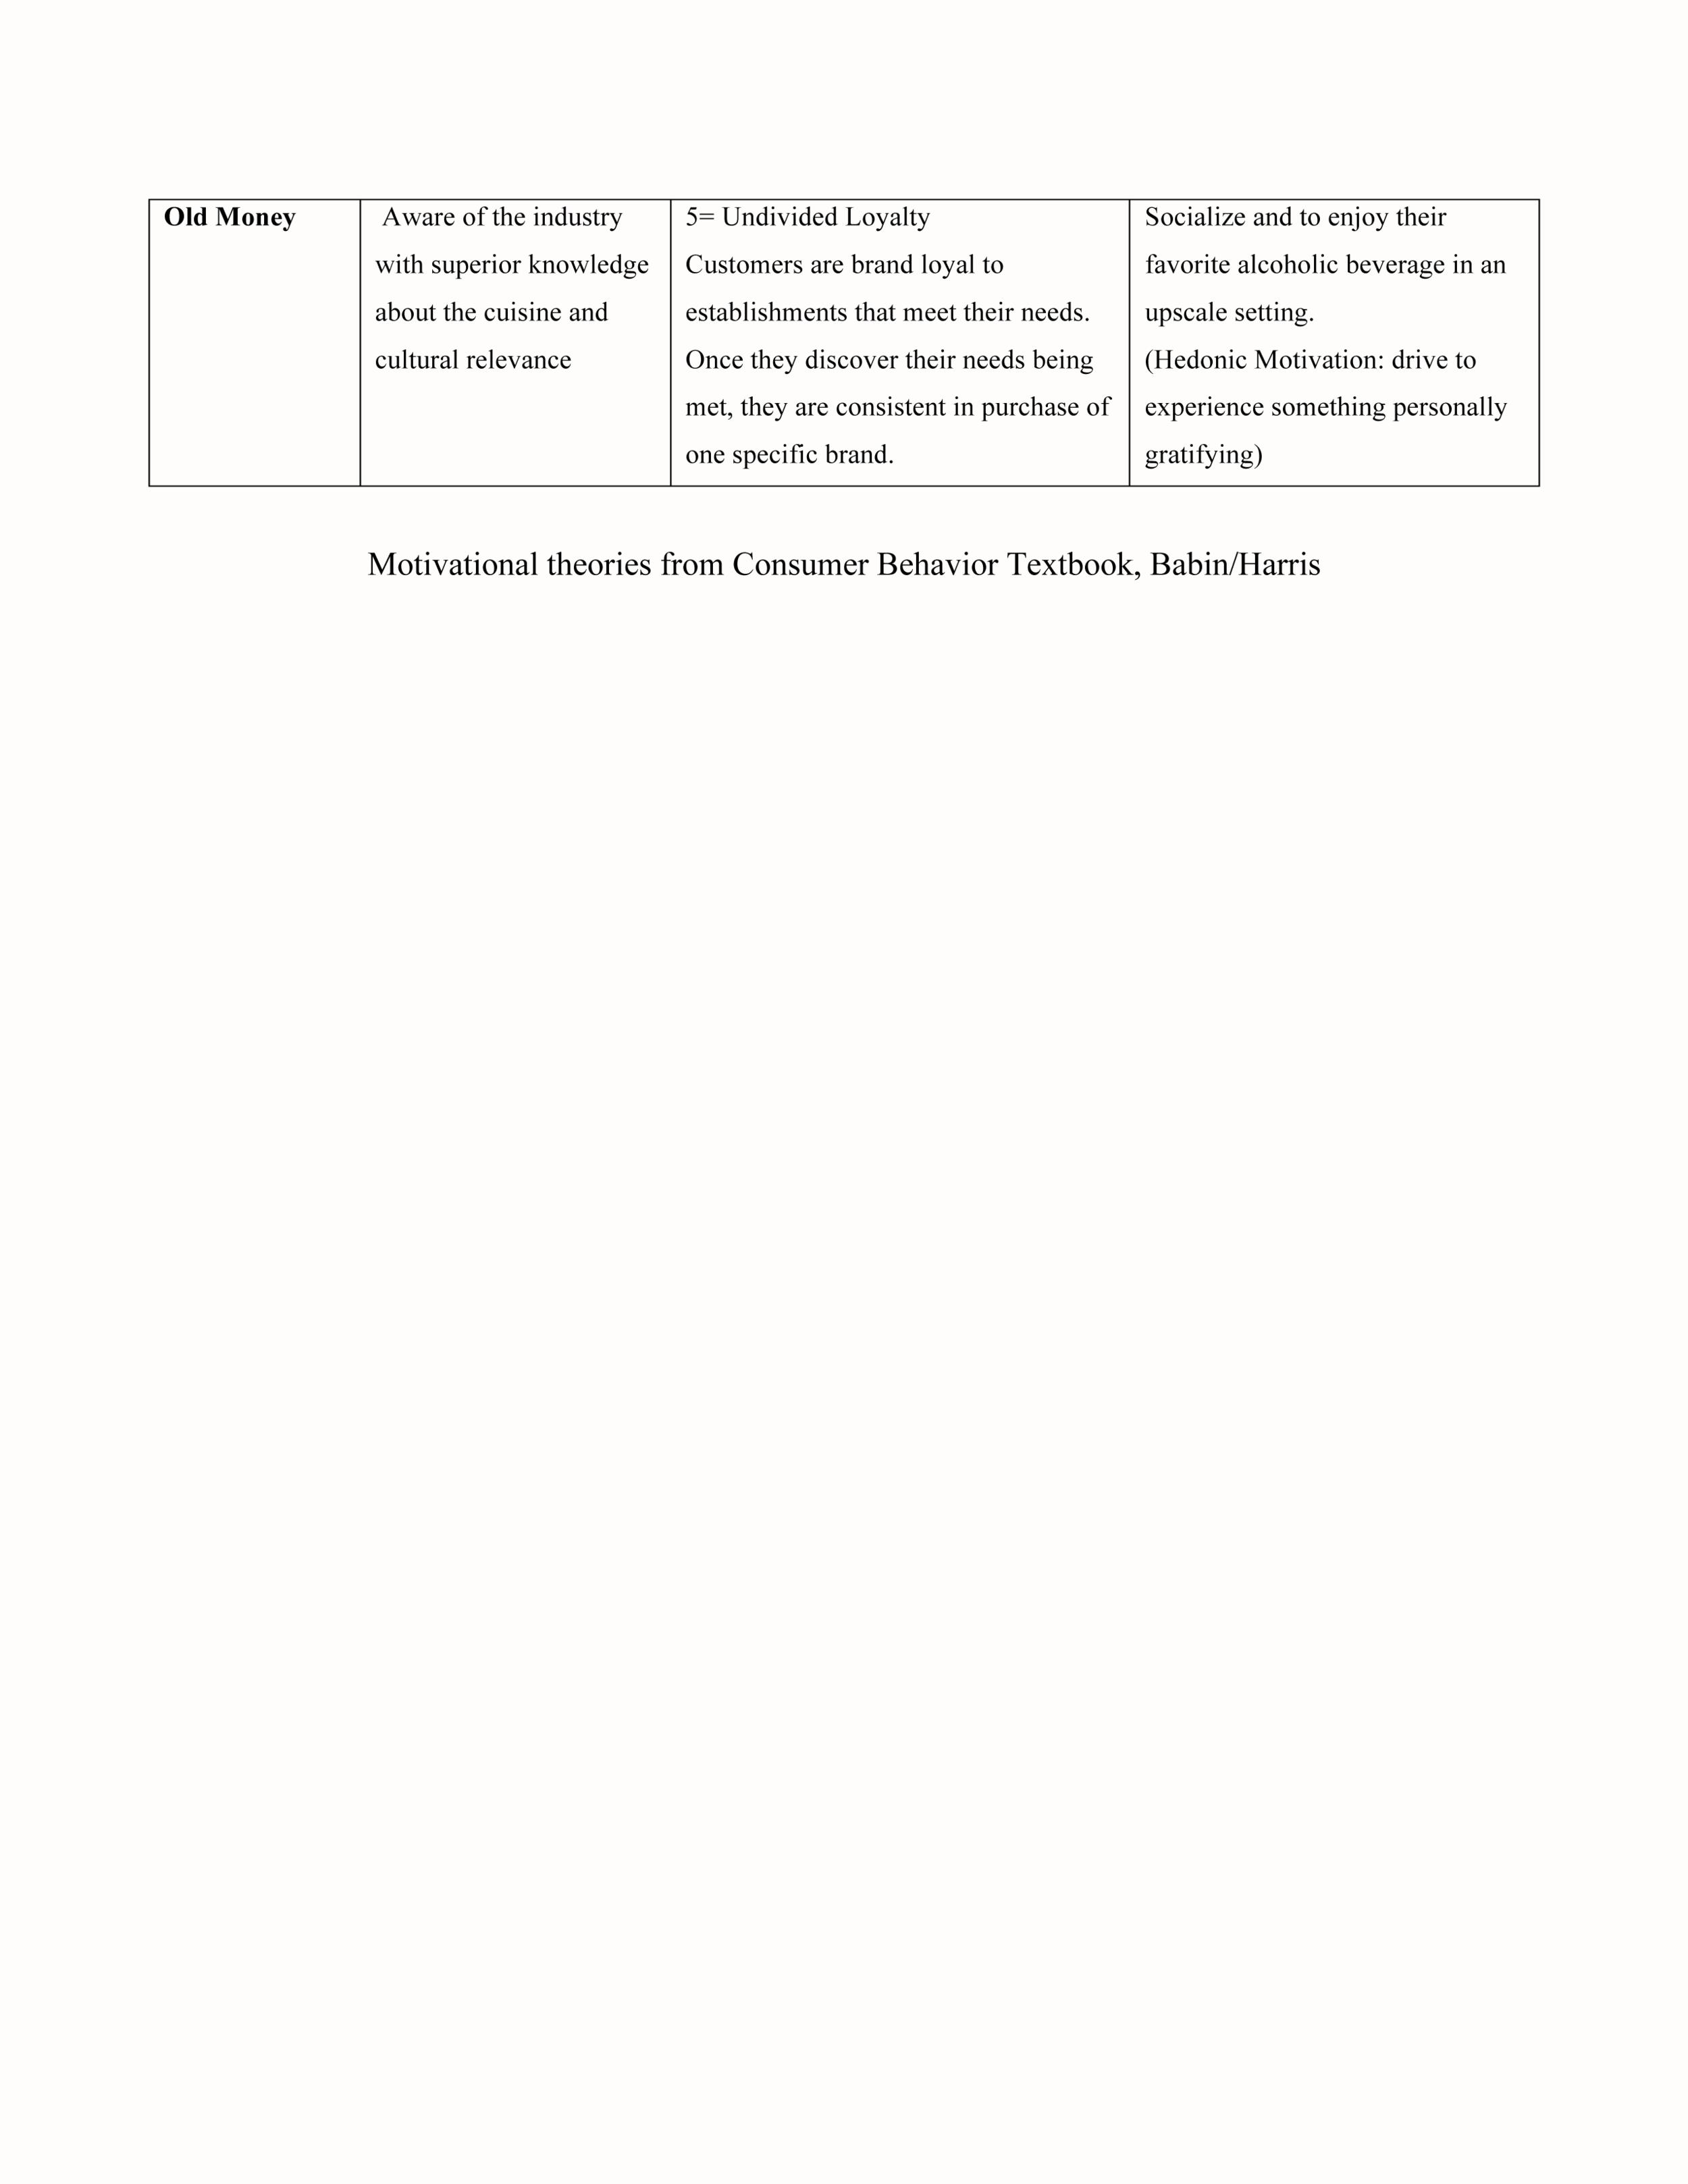 RelevantCustomerSegments-3.png